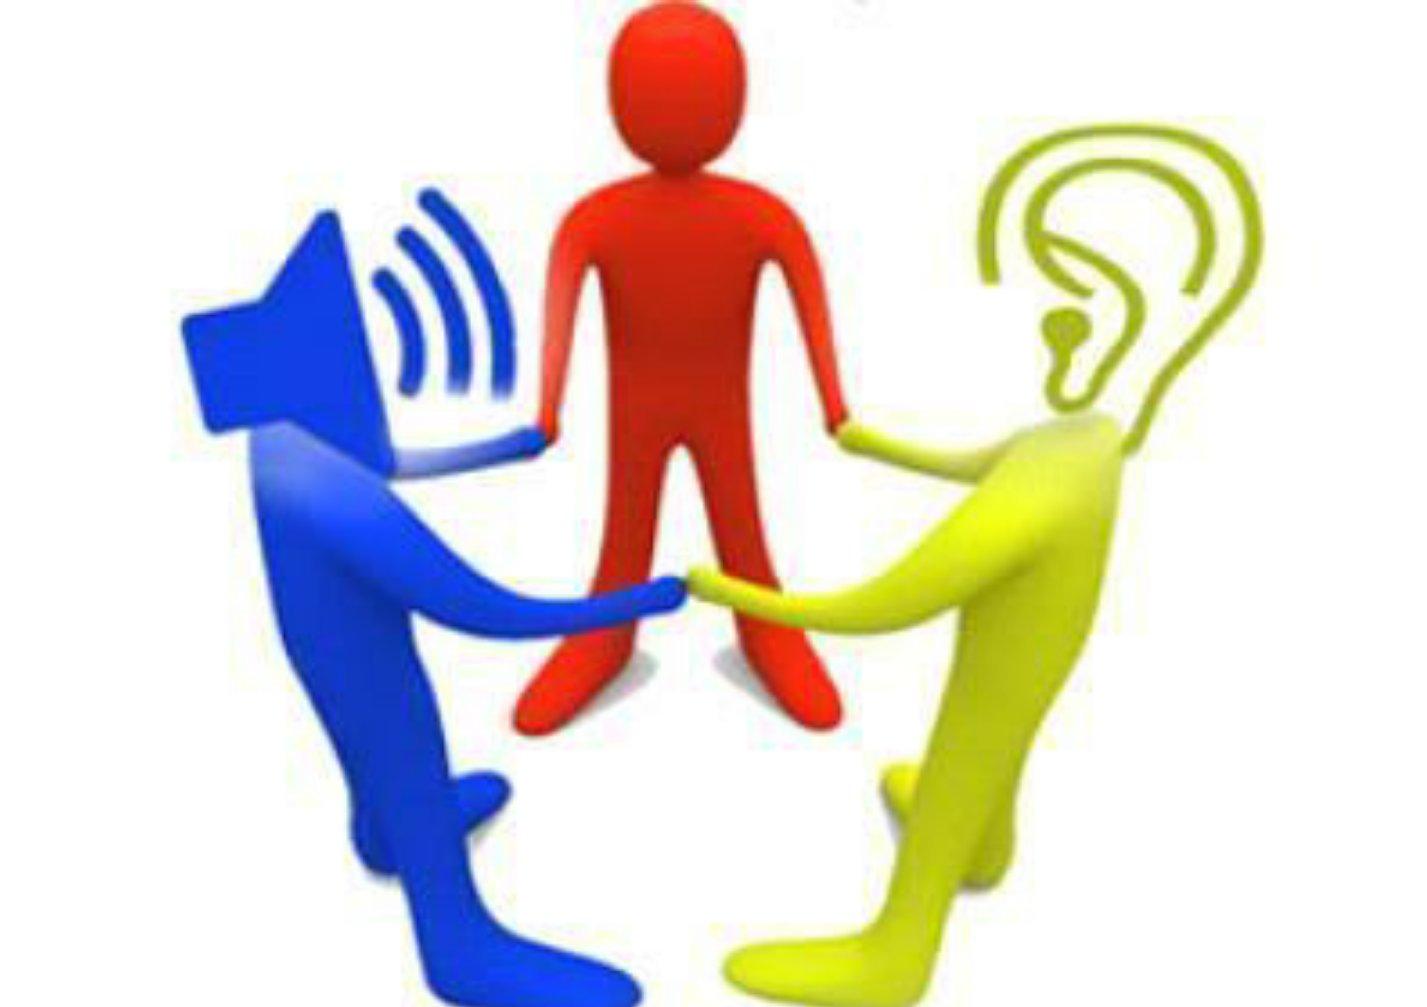 قواعد وأسس الحديث وفن الاستماع - المرسال